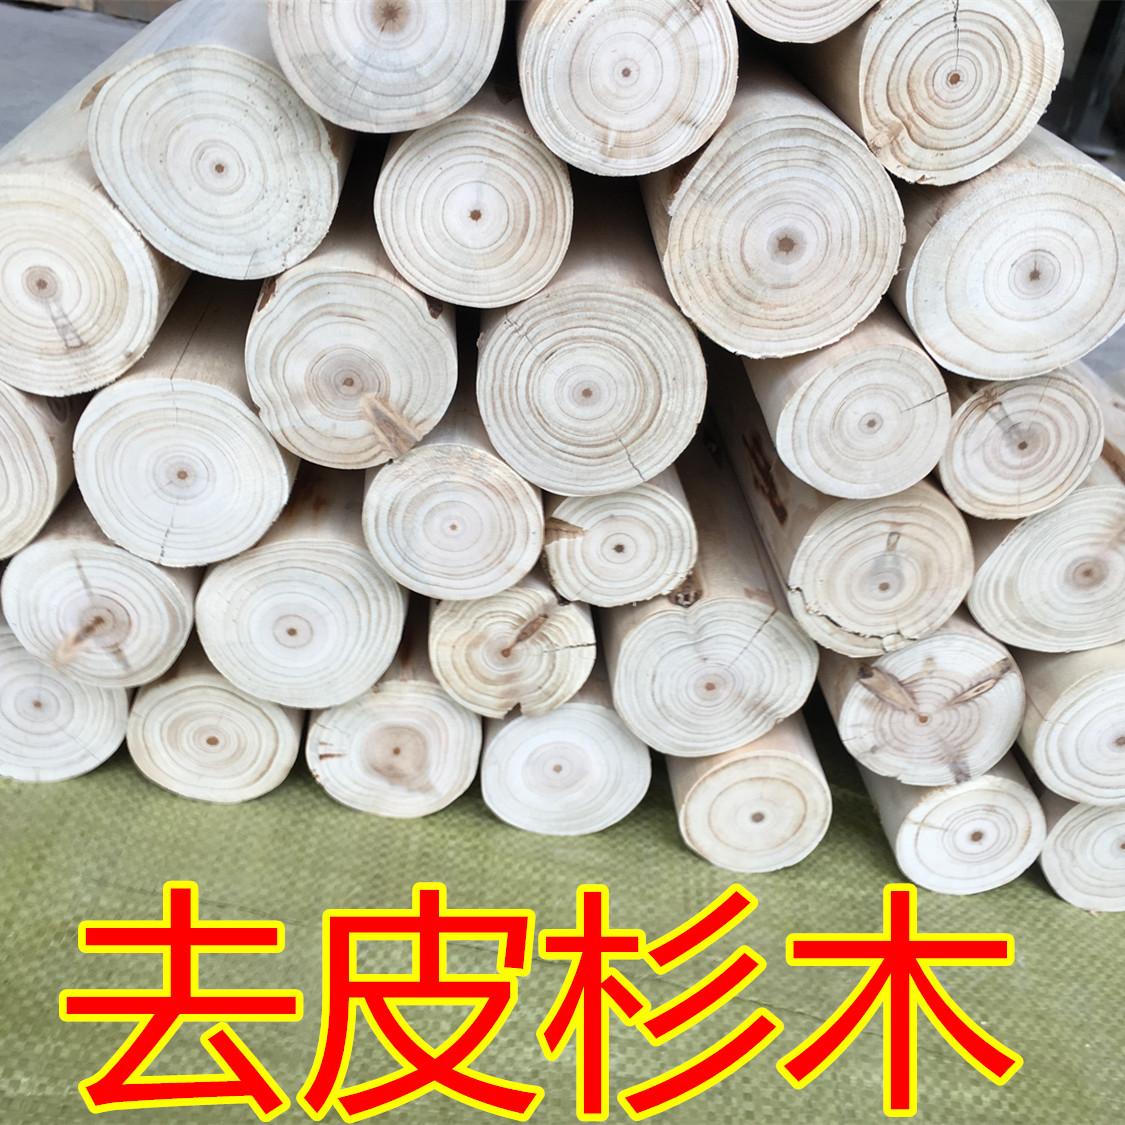 壁炉木材家装壁饰碳化香杉原木柴火户外室内道具装饰圆木去皮杉木图片